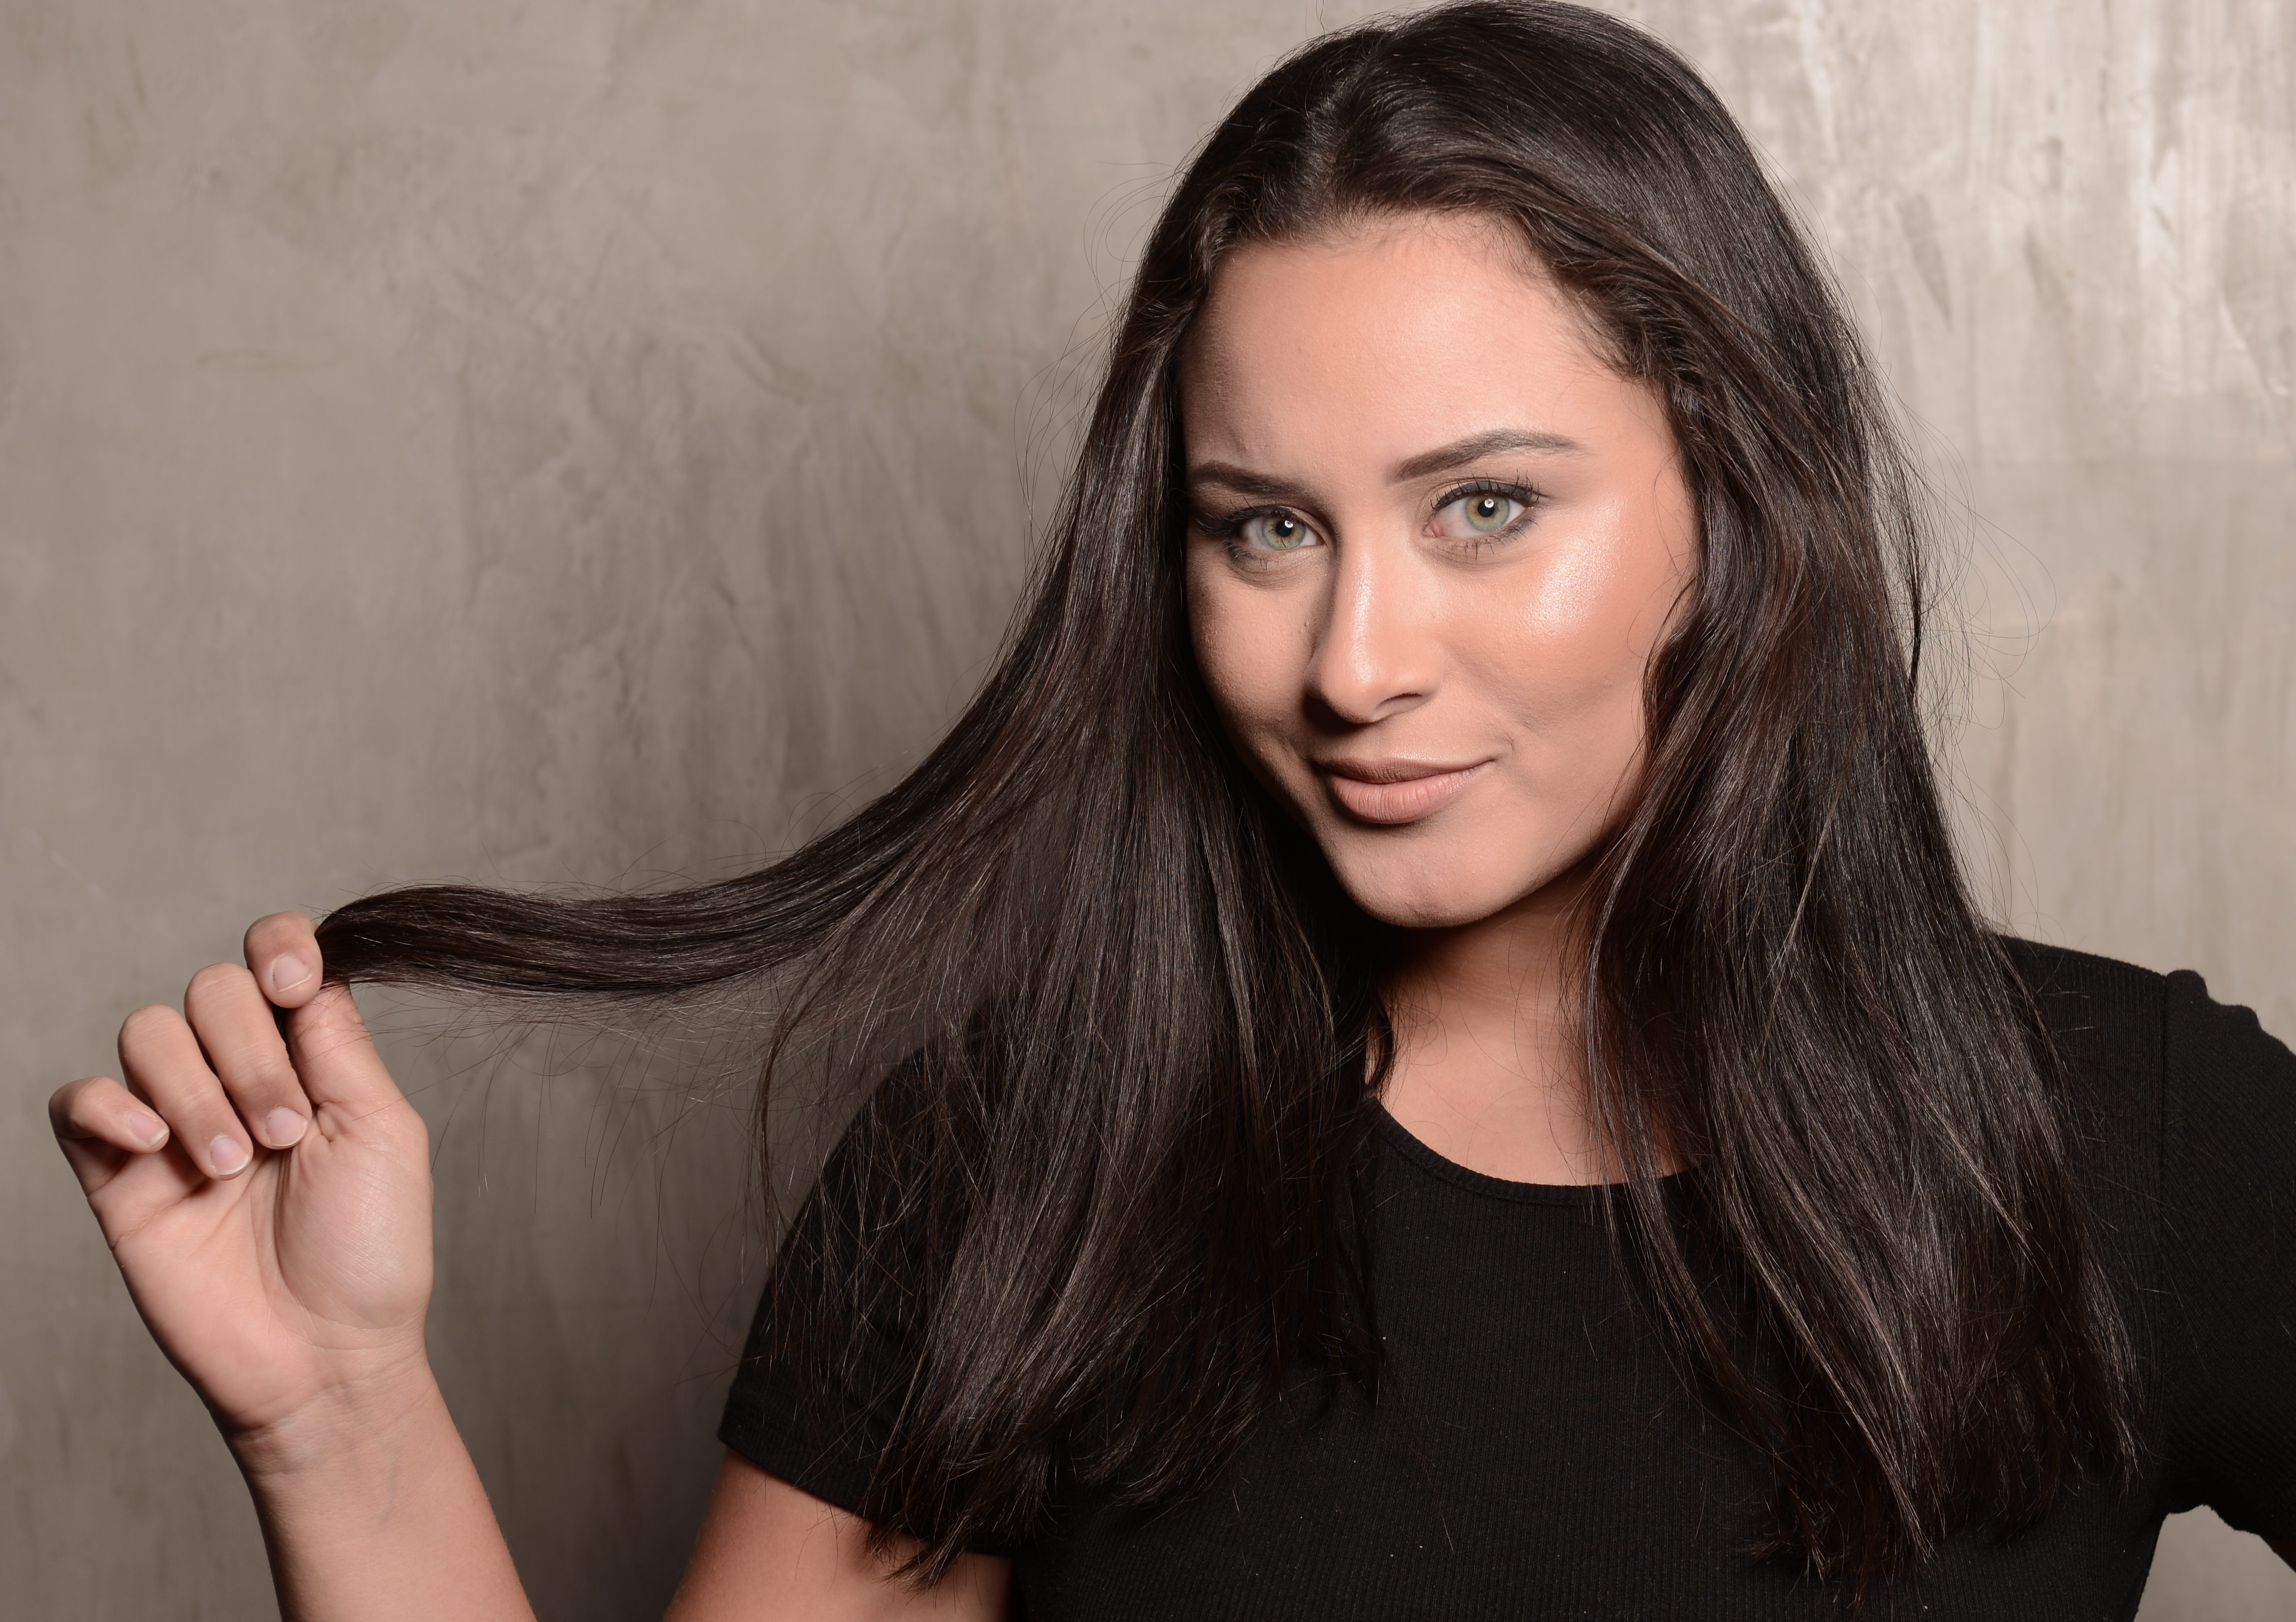 05f1baf4b Crescimento do cabelo alisado: veja 5 dicas para os fios crescerem mais  rápido